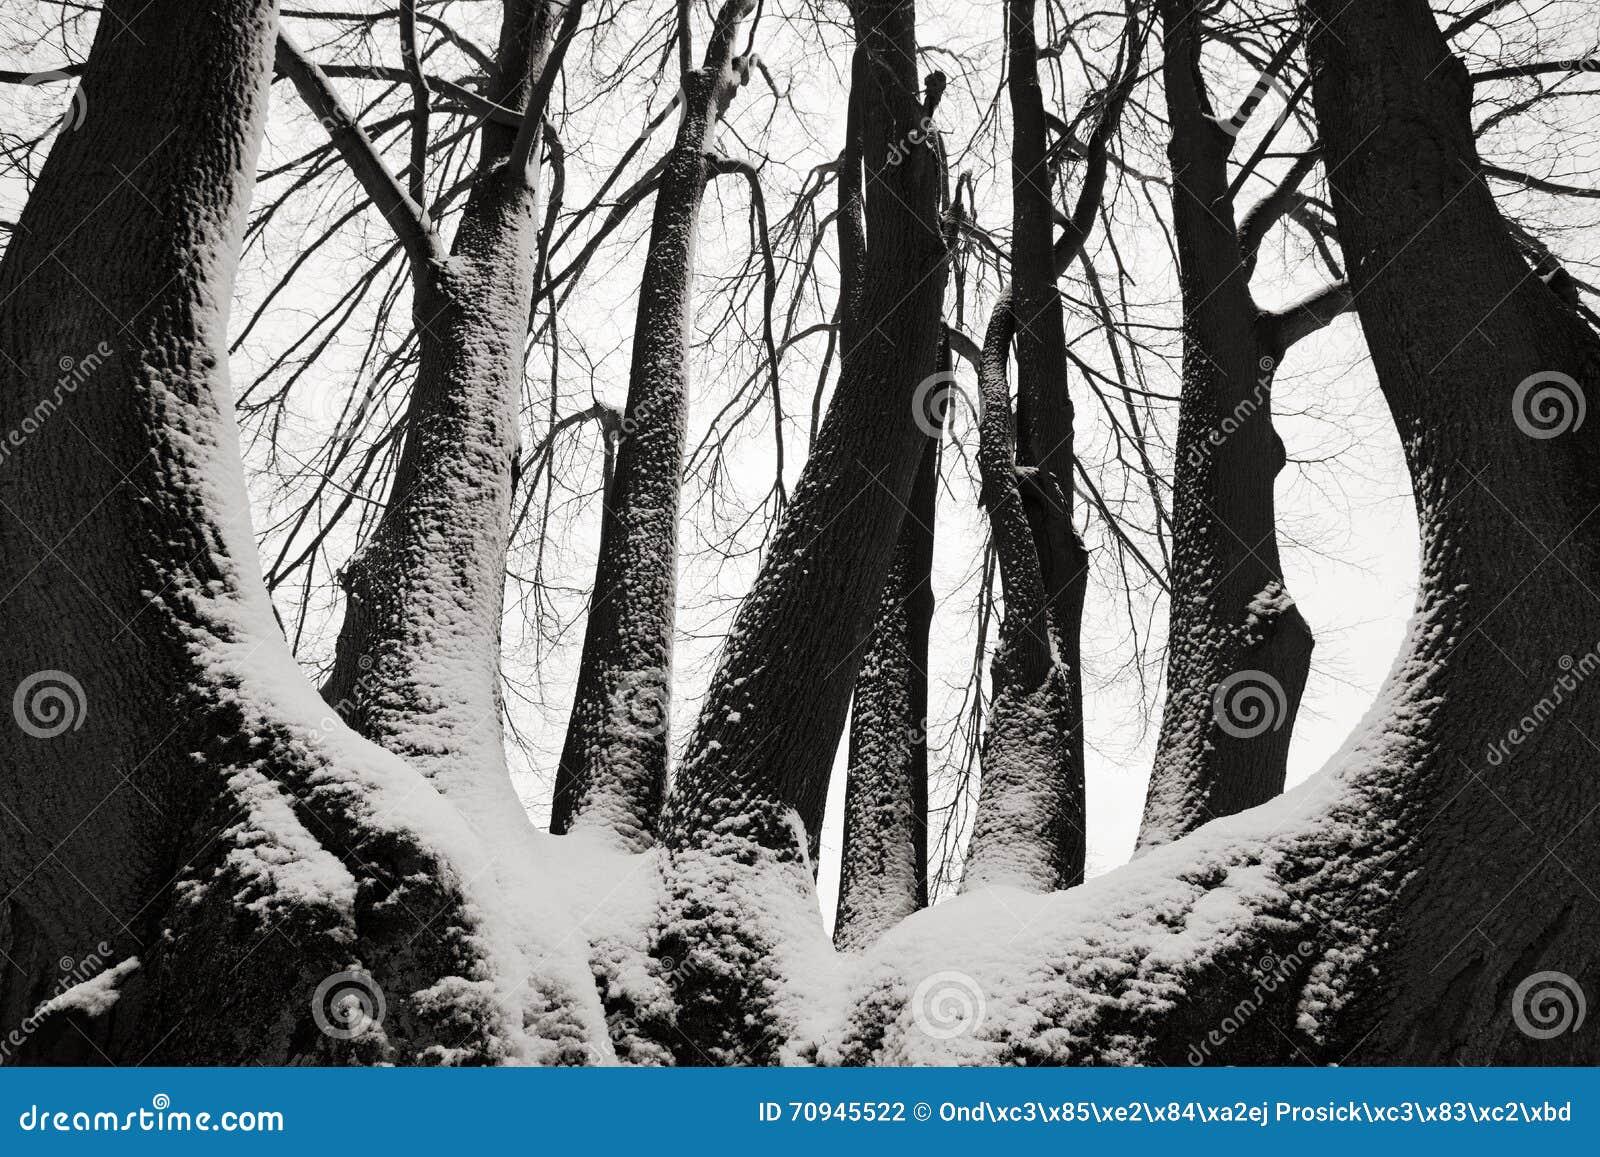 Enslig trädstam i vinter, snöig landskap med snö och dimma, dimmig skog i backgrouden, konstsikt, Europa